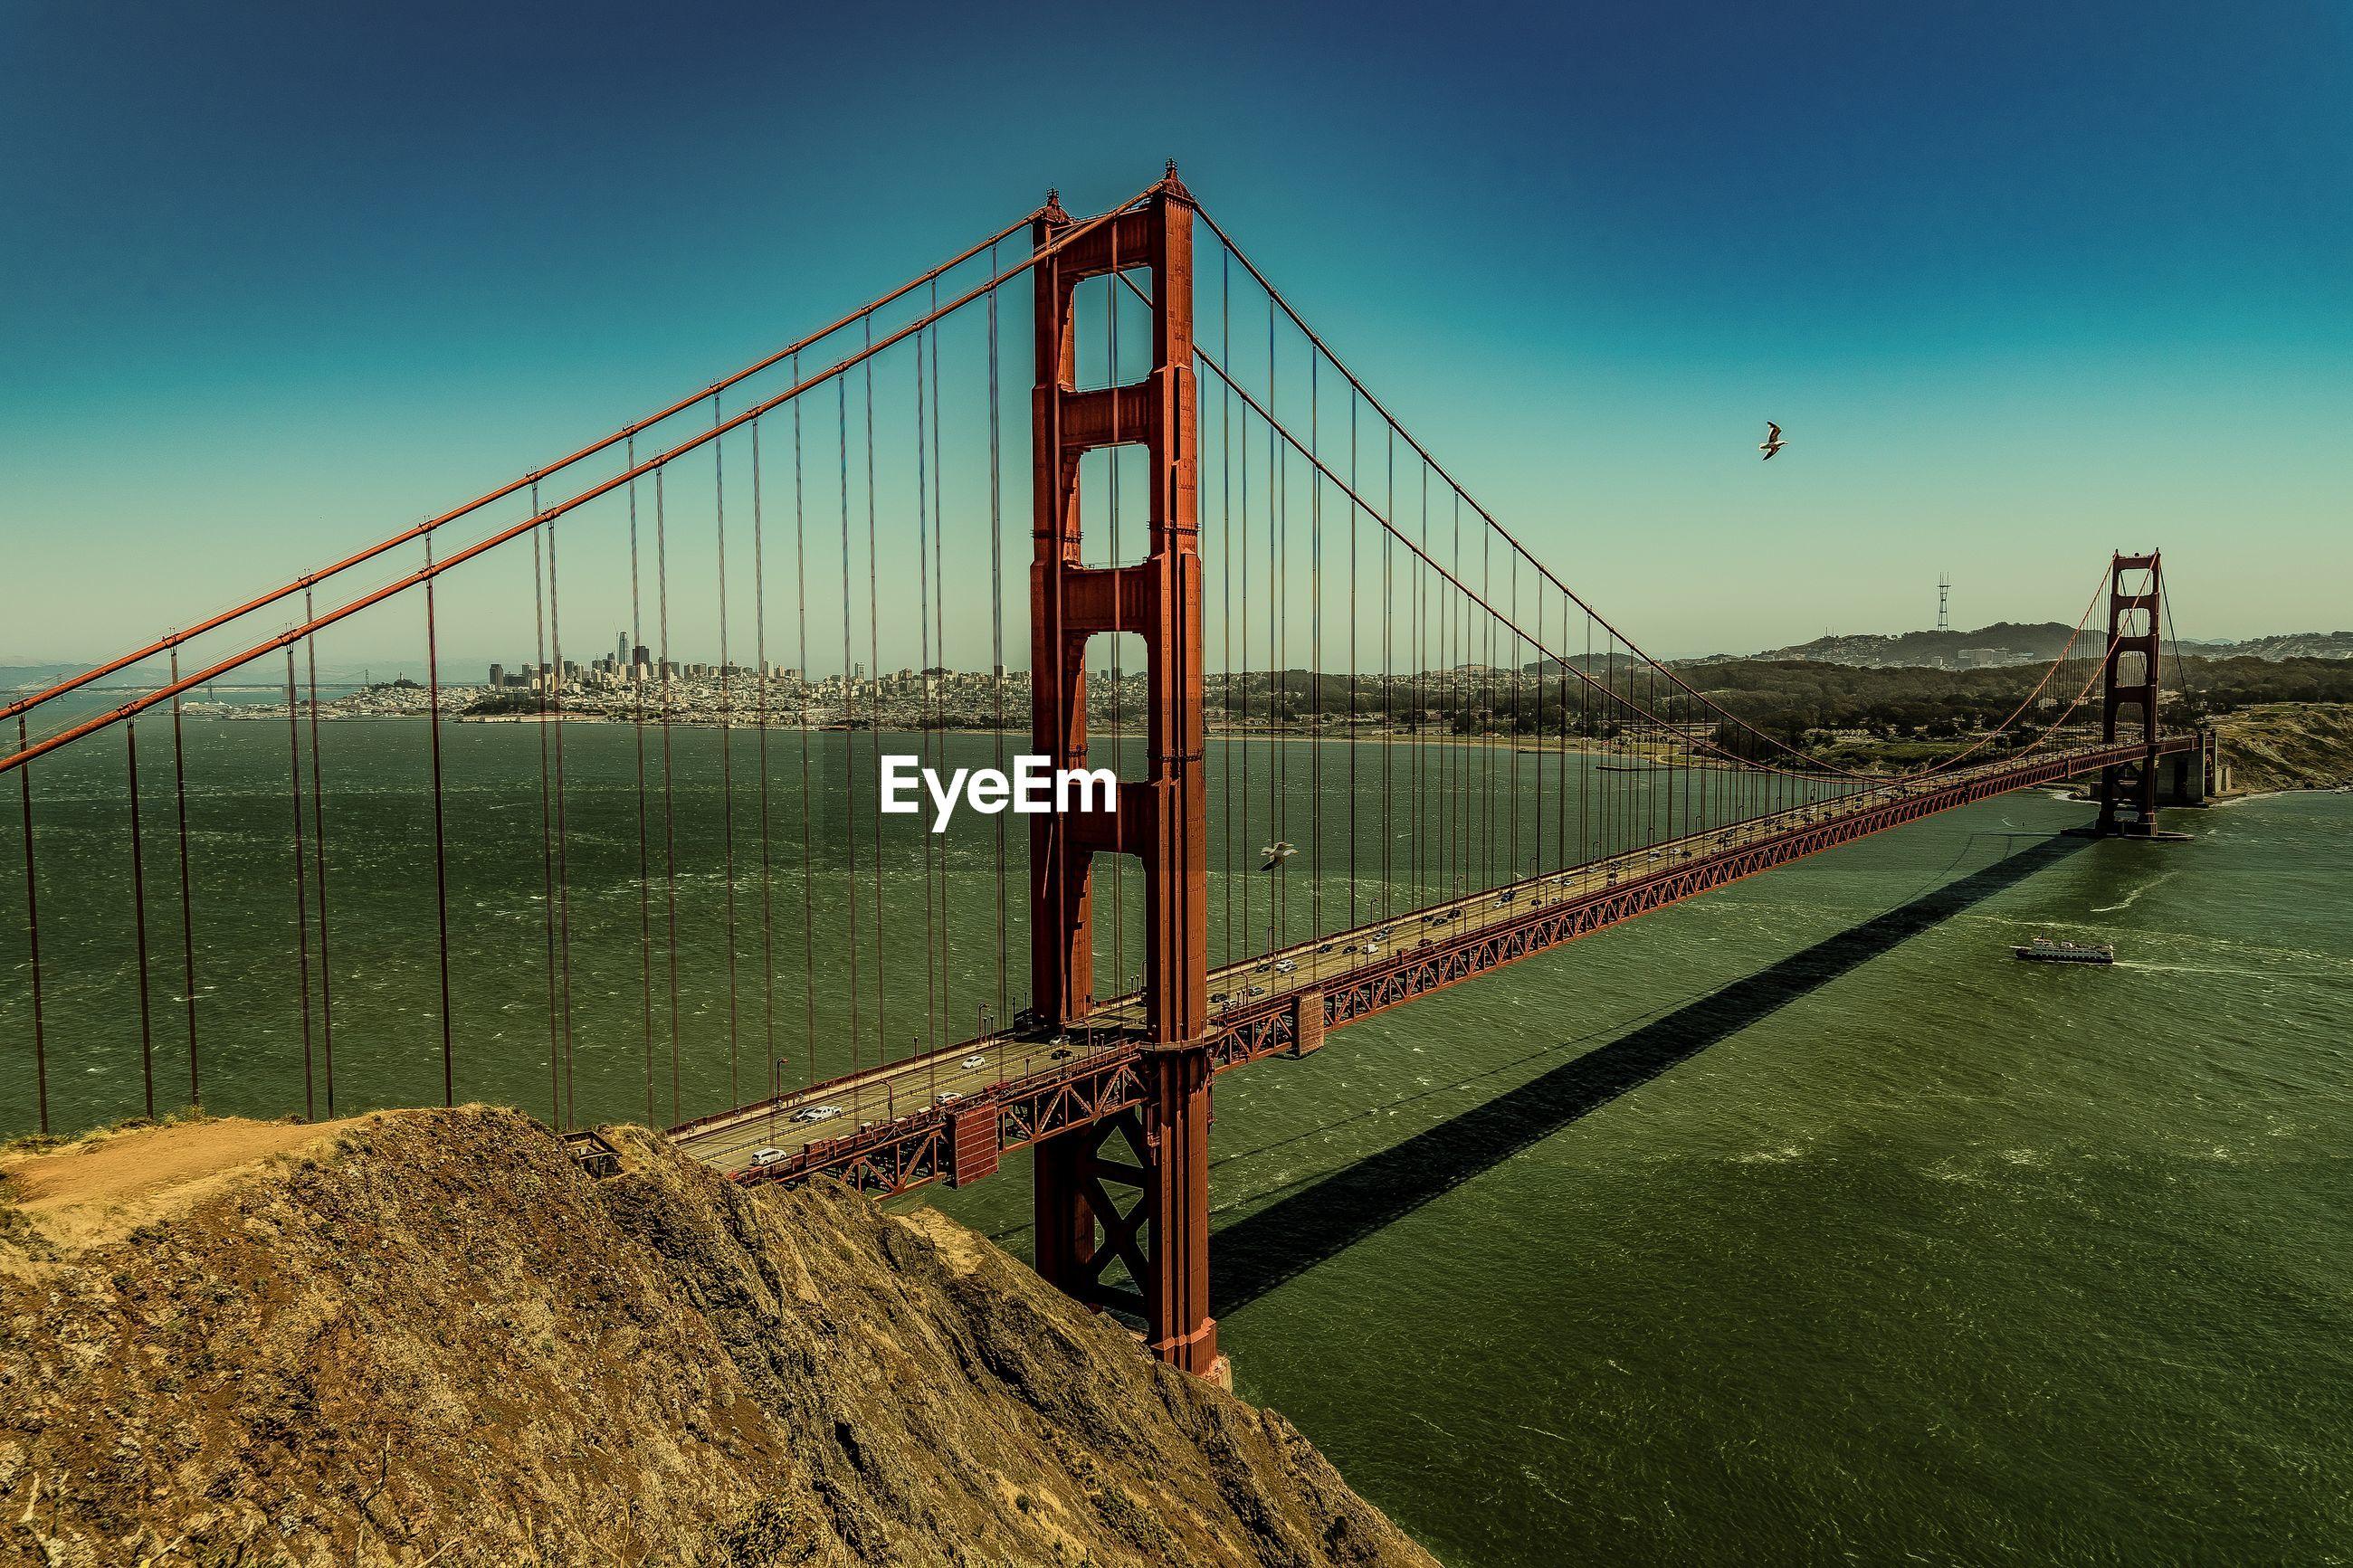 VIEW OF SUSPENSION BRIDGE